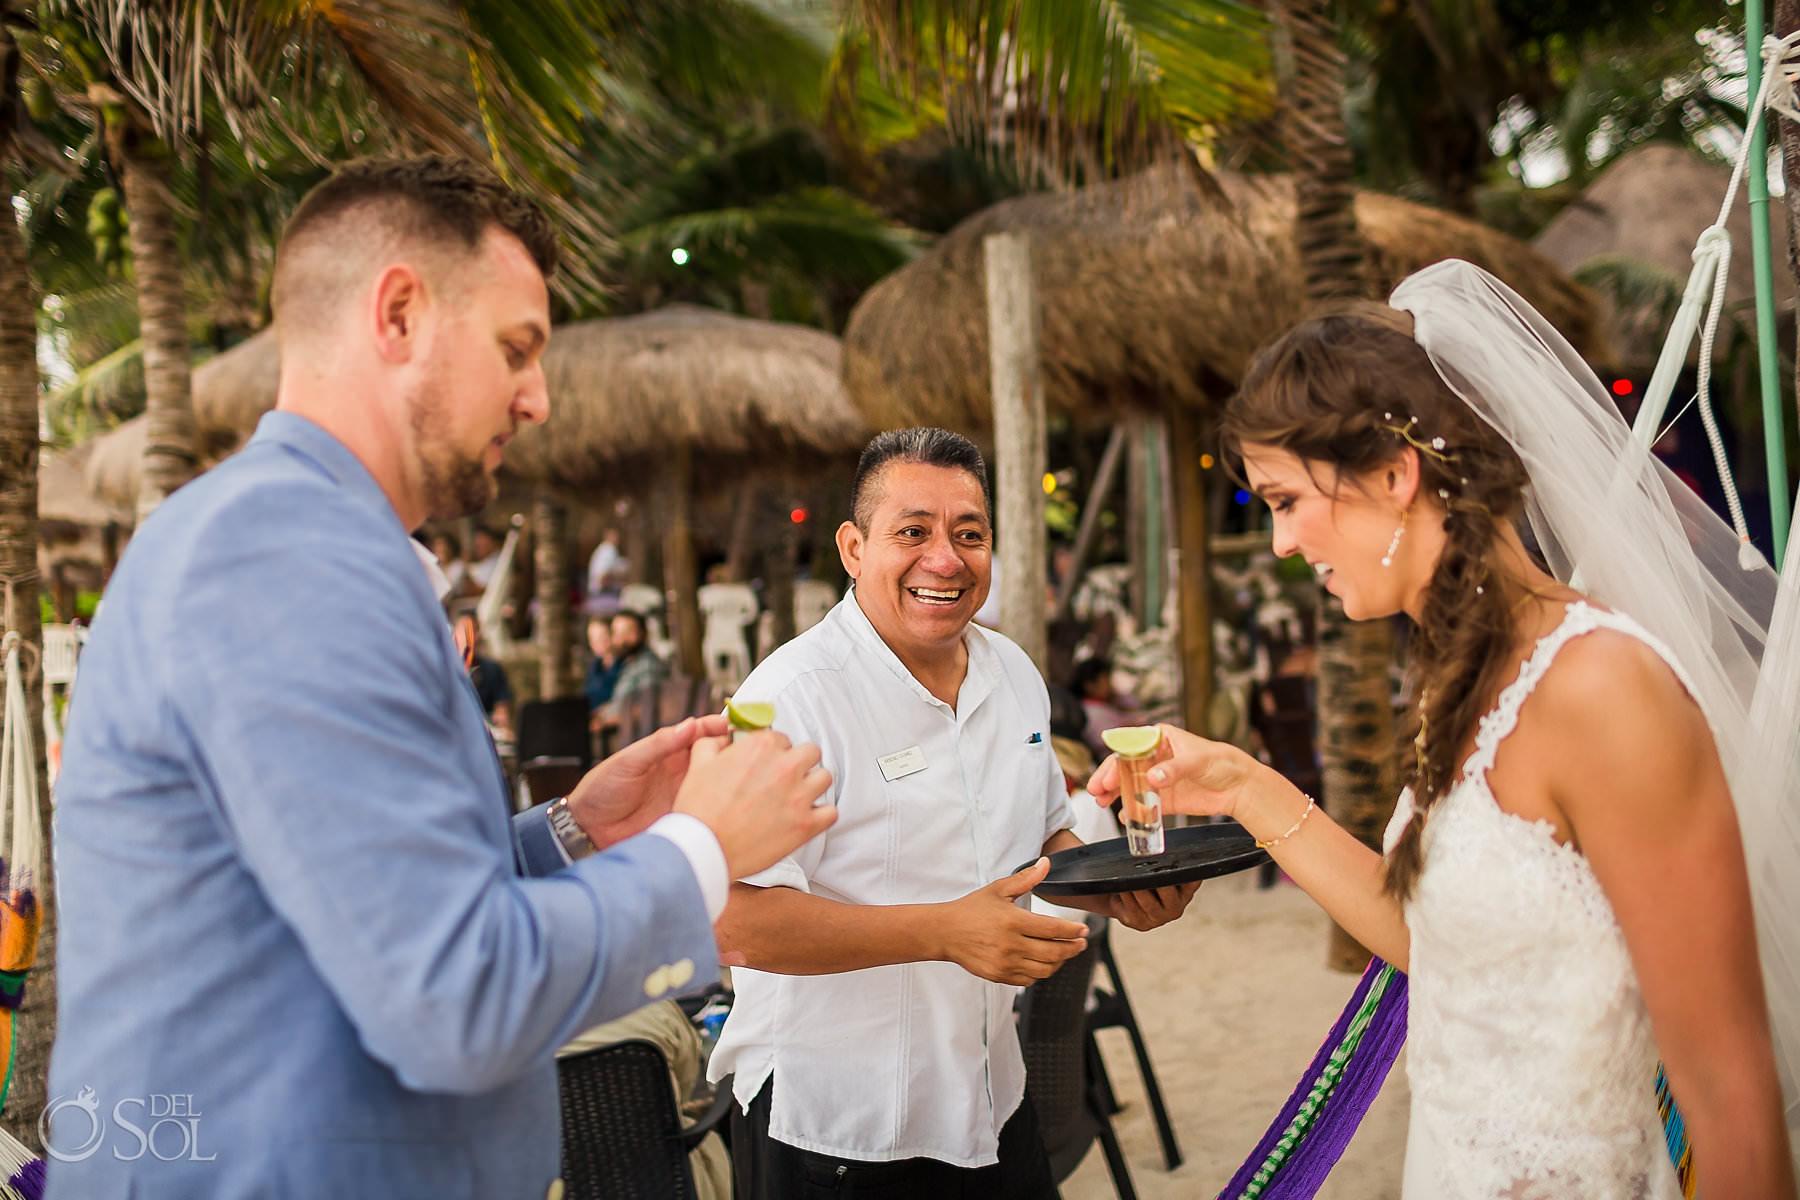 tequila La Buena Vida wedding reception